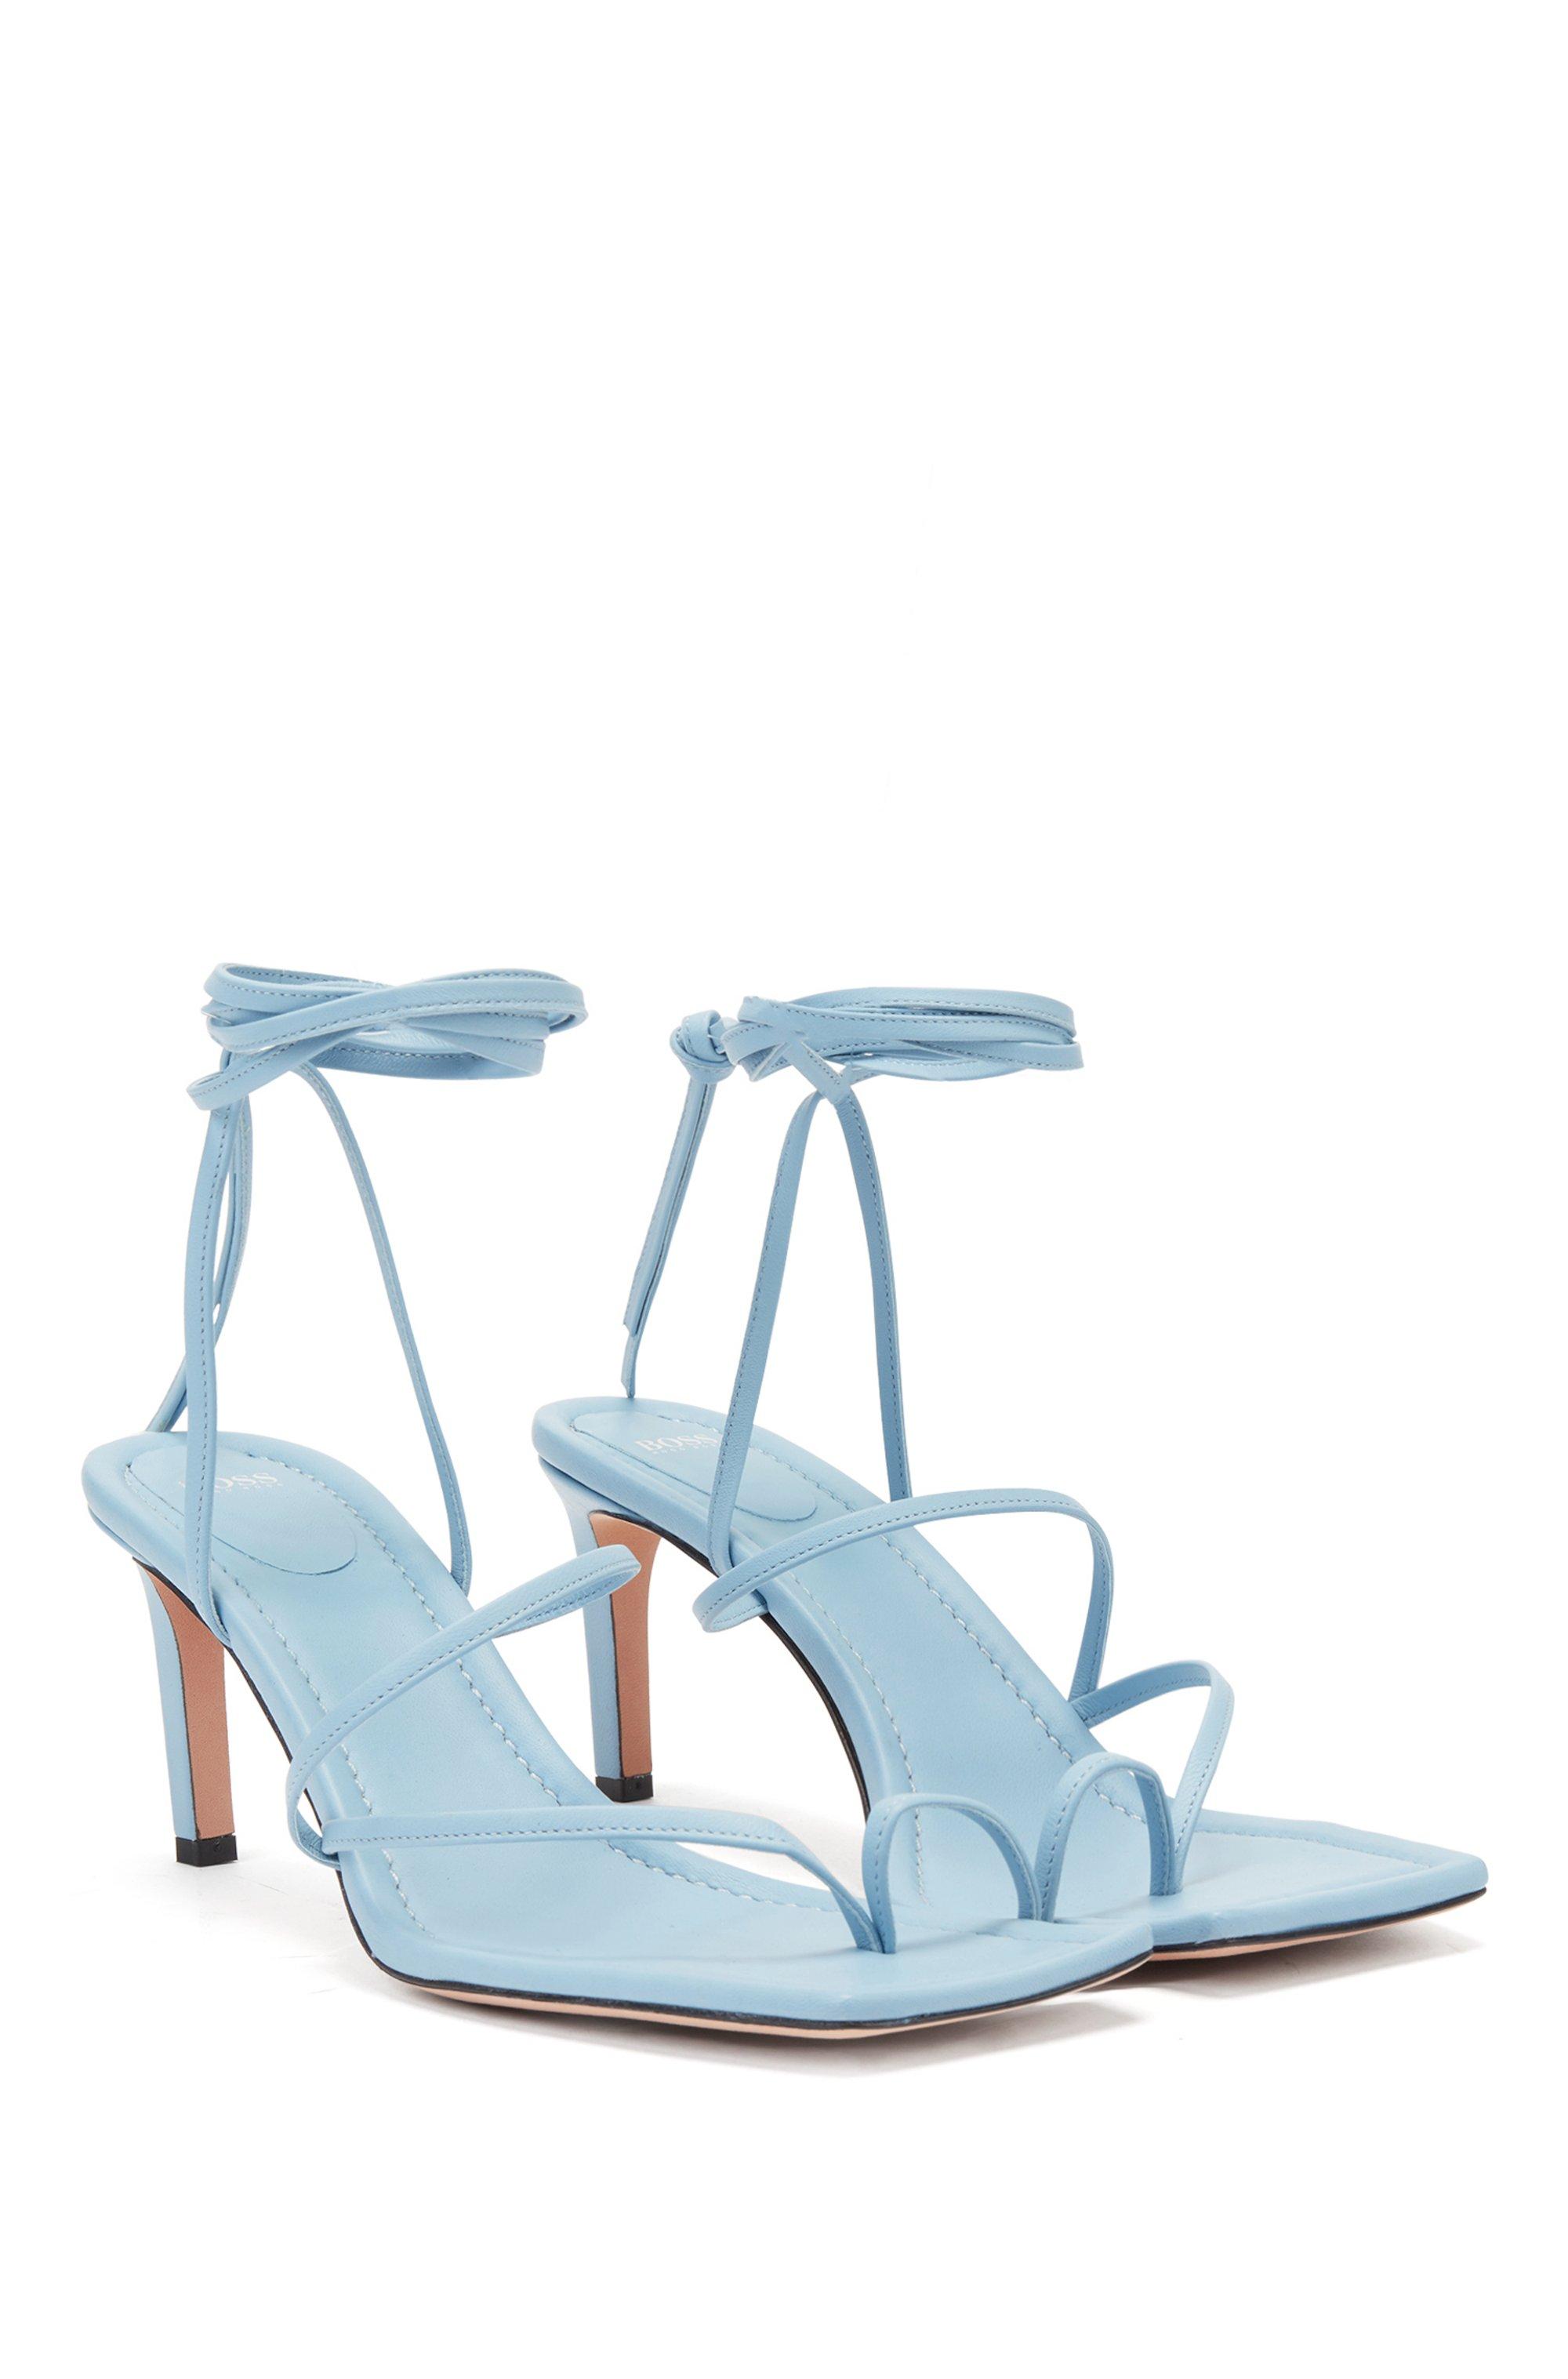 Sandalias con tira larga en el tobillo elaboradas en piel italiana